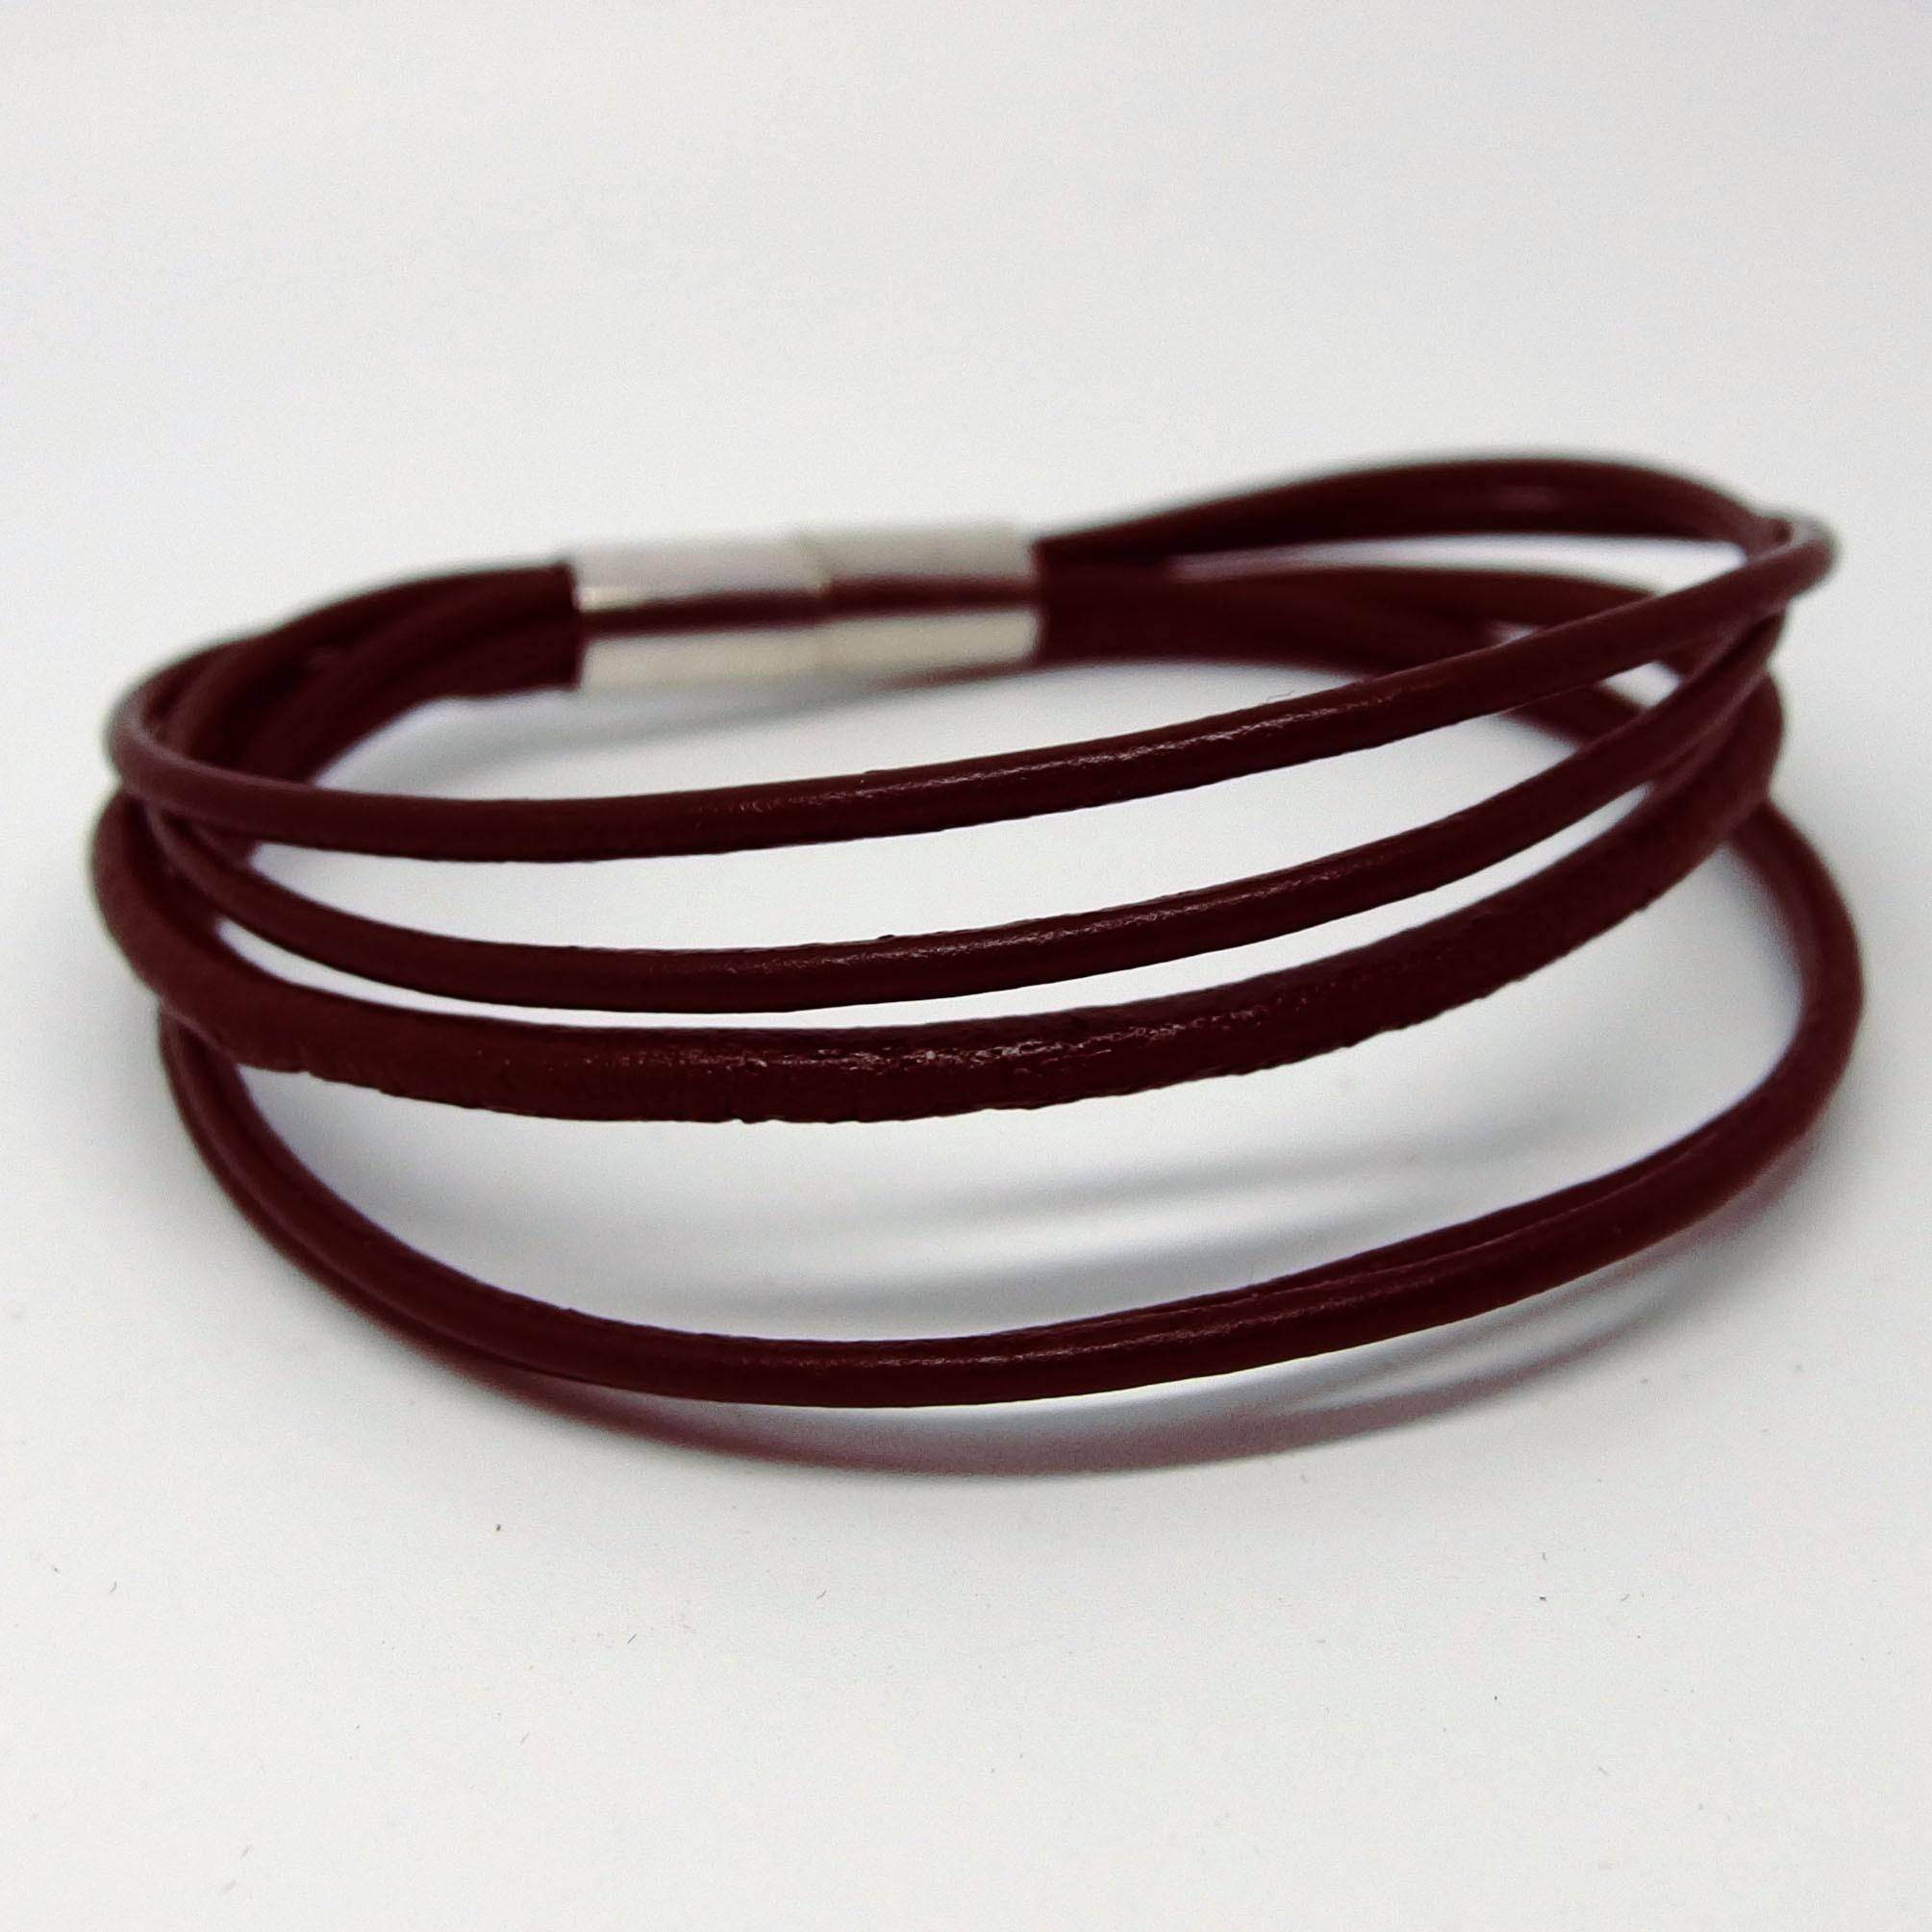 AB114 - Leder Armbänder braun 5 reihig mit Magnetverschluß